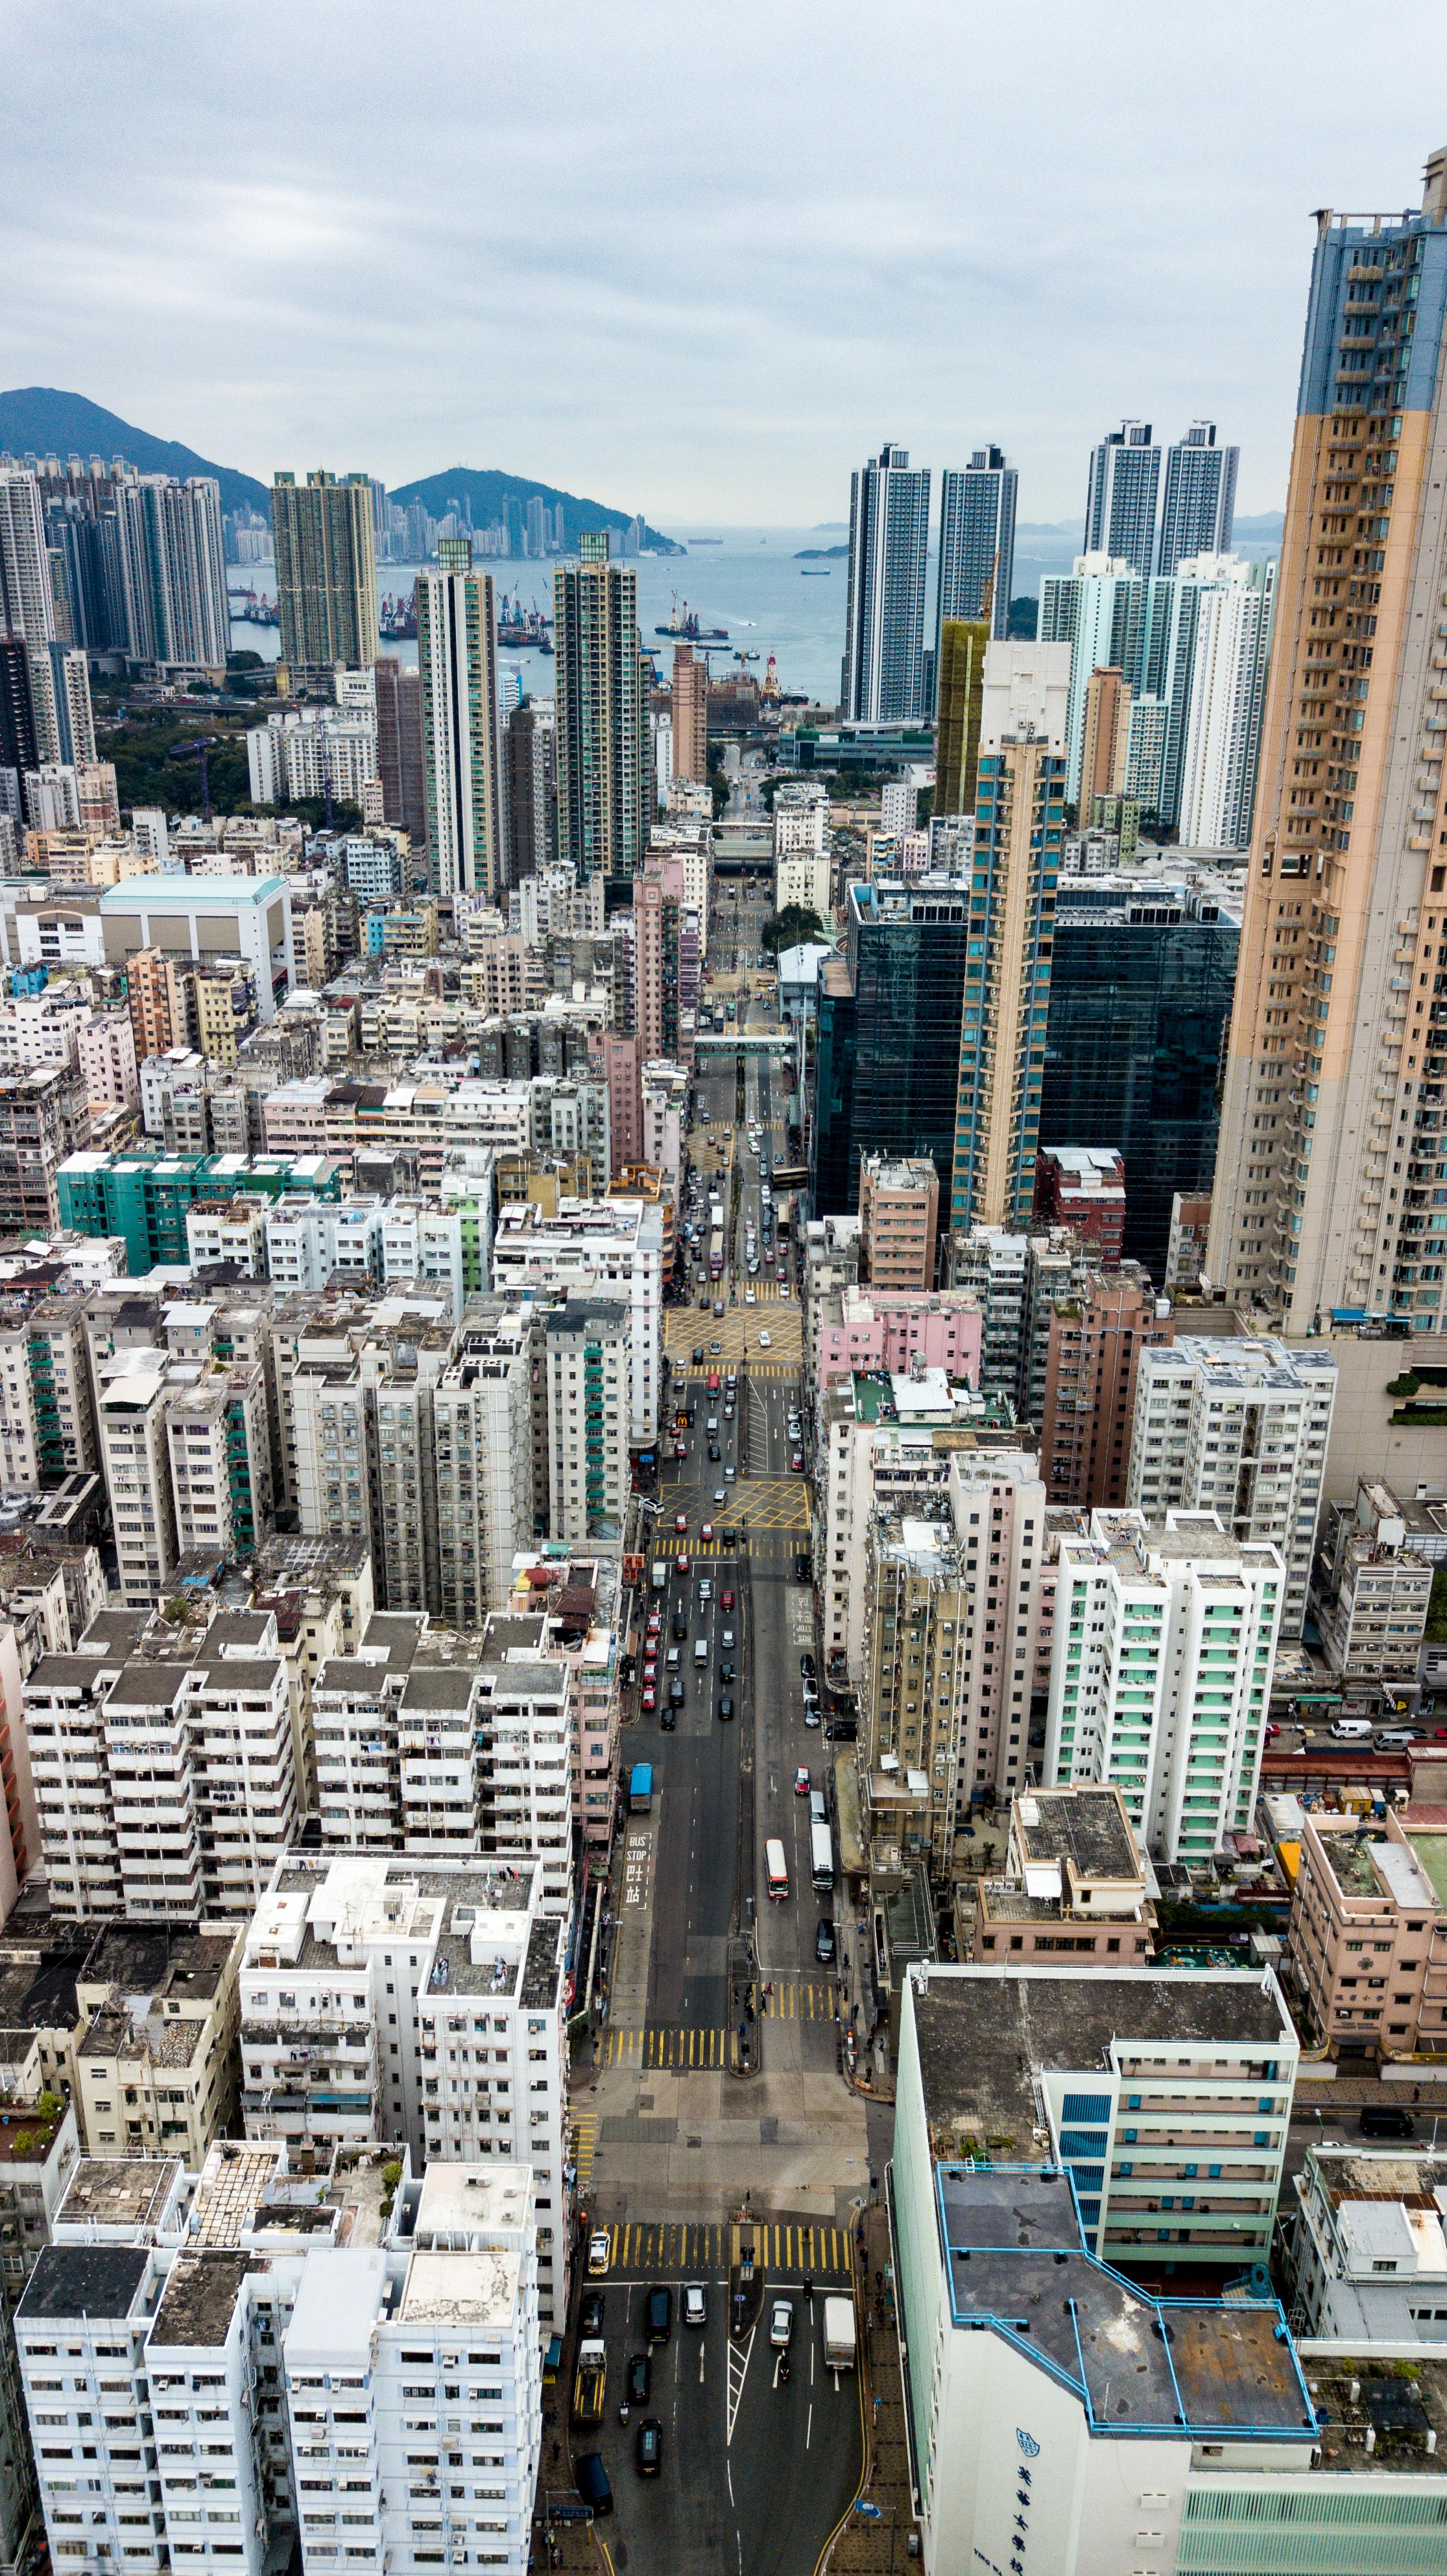 Hong Kong - Sham Shui Po